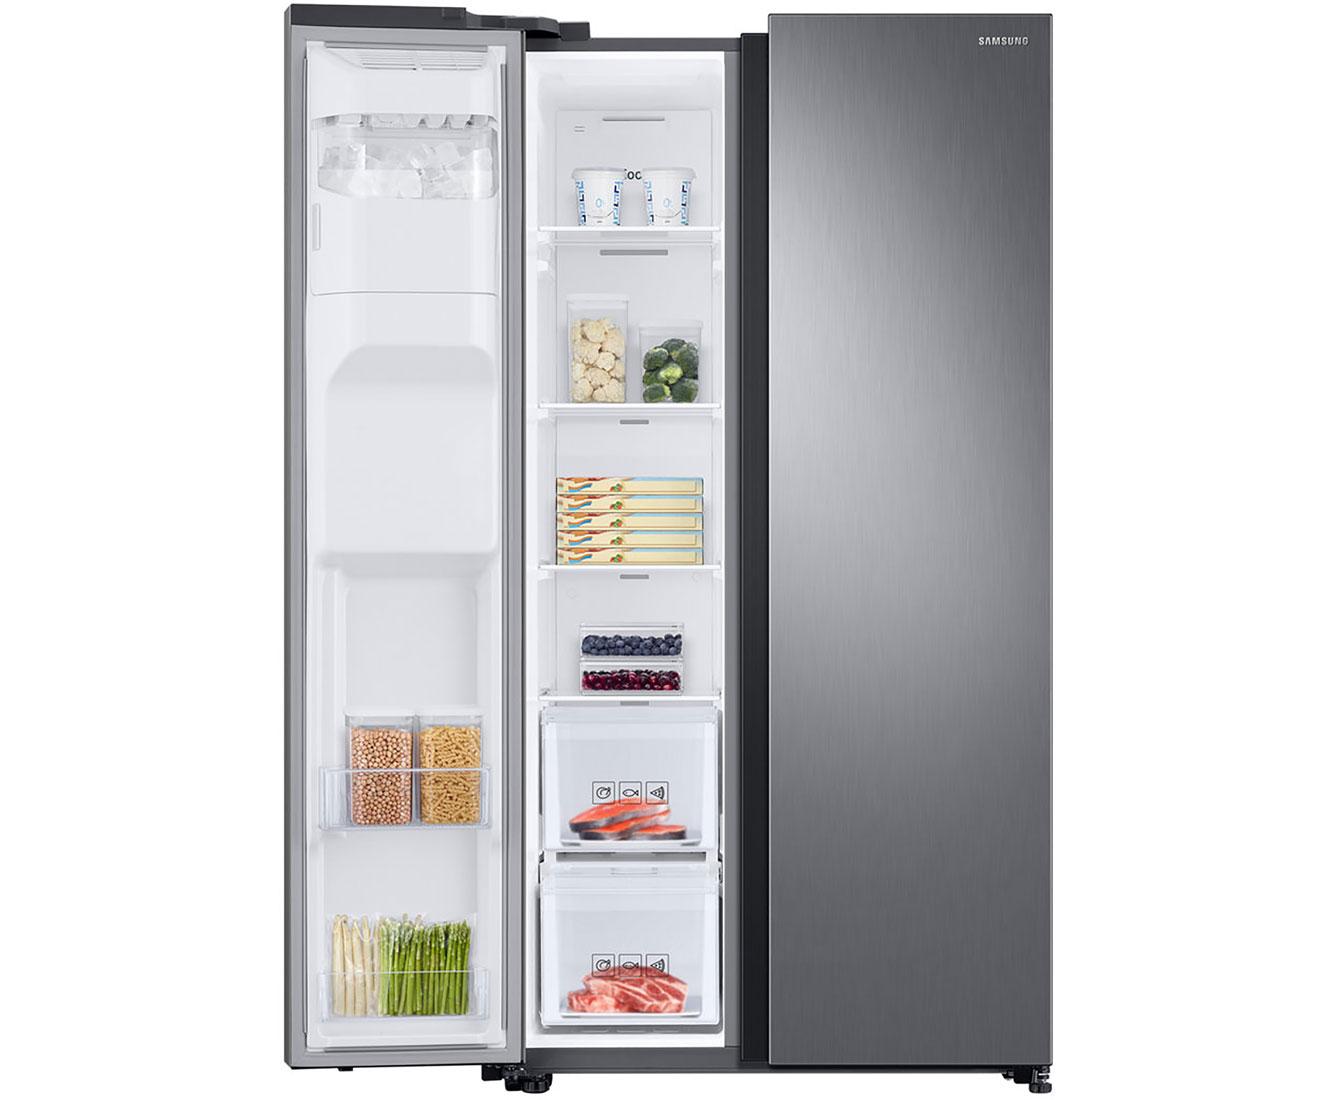 Side By Side Kühlschrank Reinigen : Side by side kühlschrank wassertank reinigen: kühlschränke von lg im